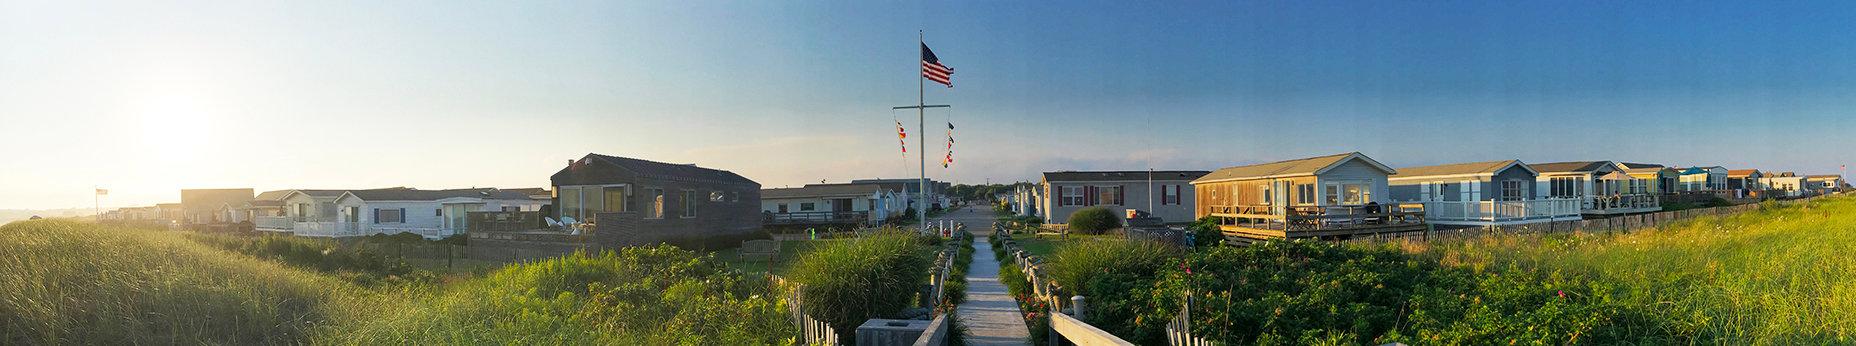 Montauk Shores Condominium